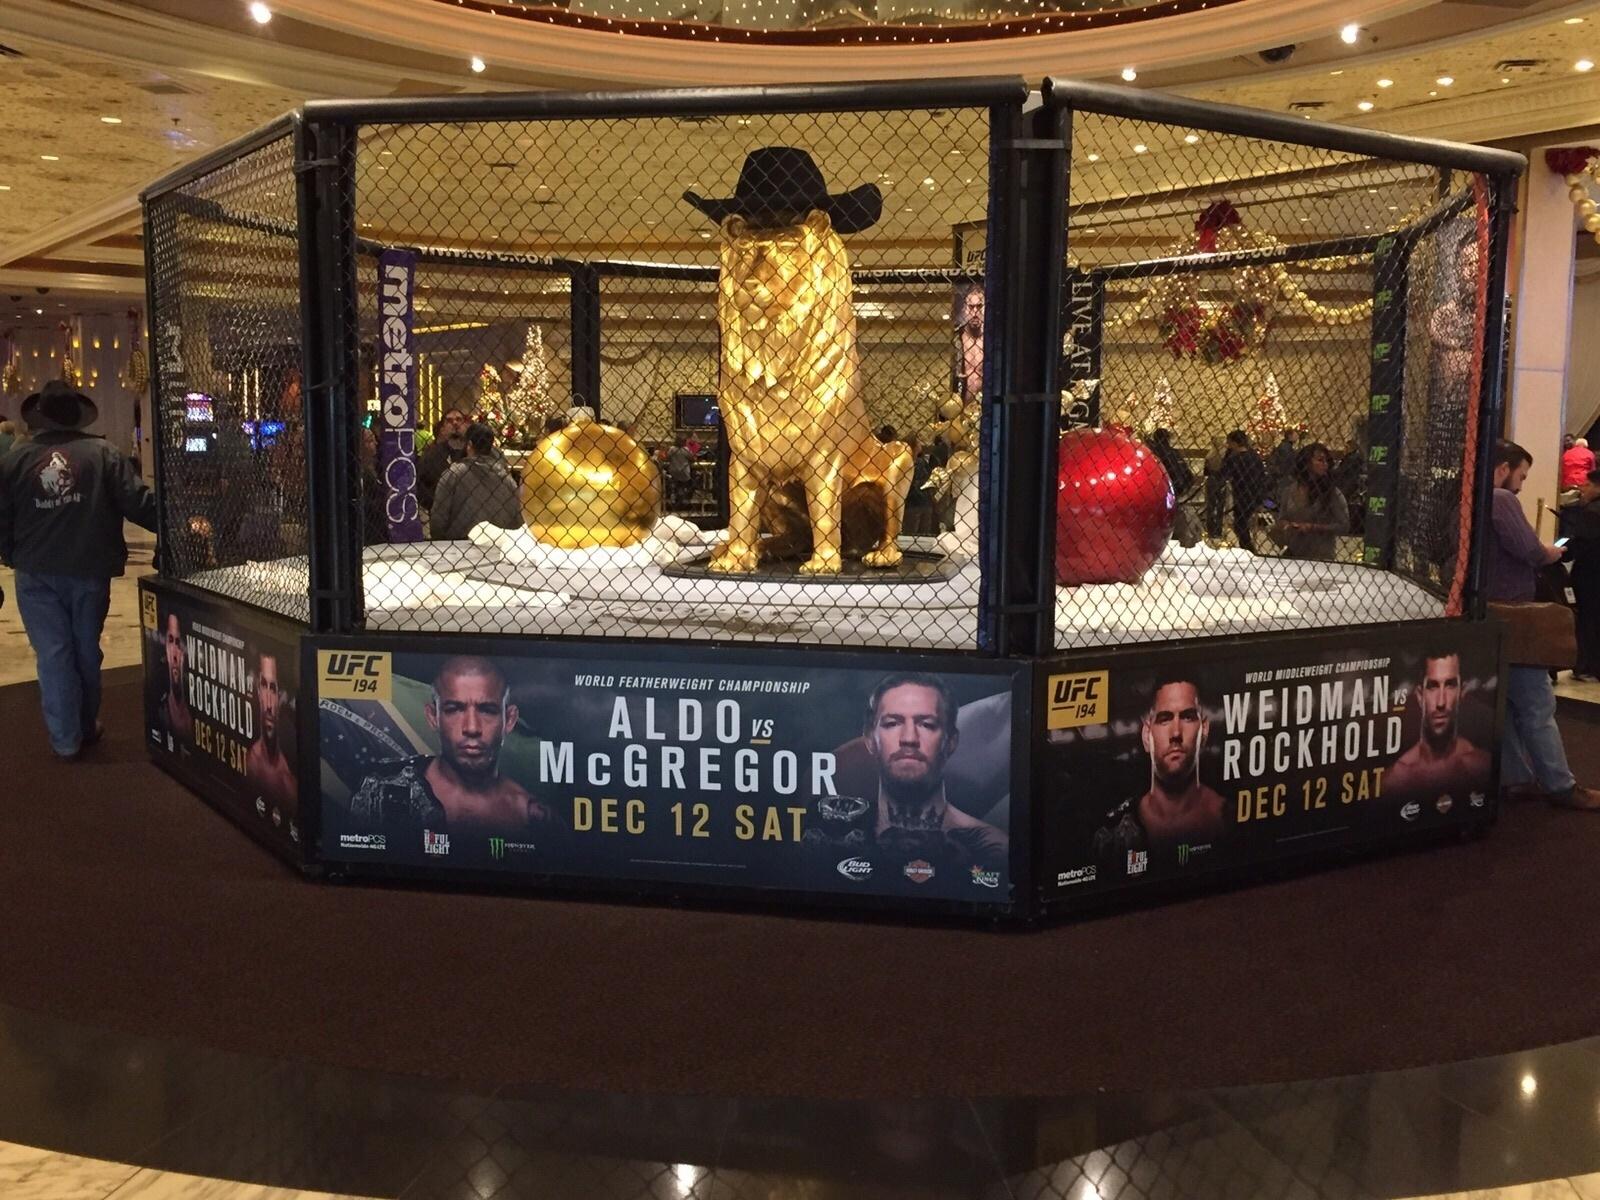 O famoso leão do MGM Grand Hotel, em Las Vegas, tem um chapéu de caubói desta vez, por conta do campeonato norte-americano de rodeio